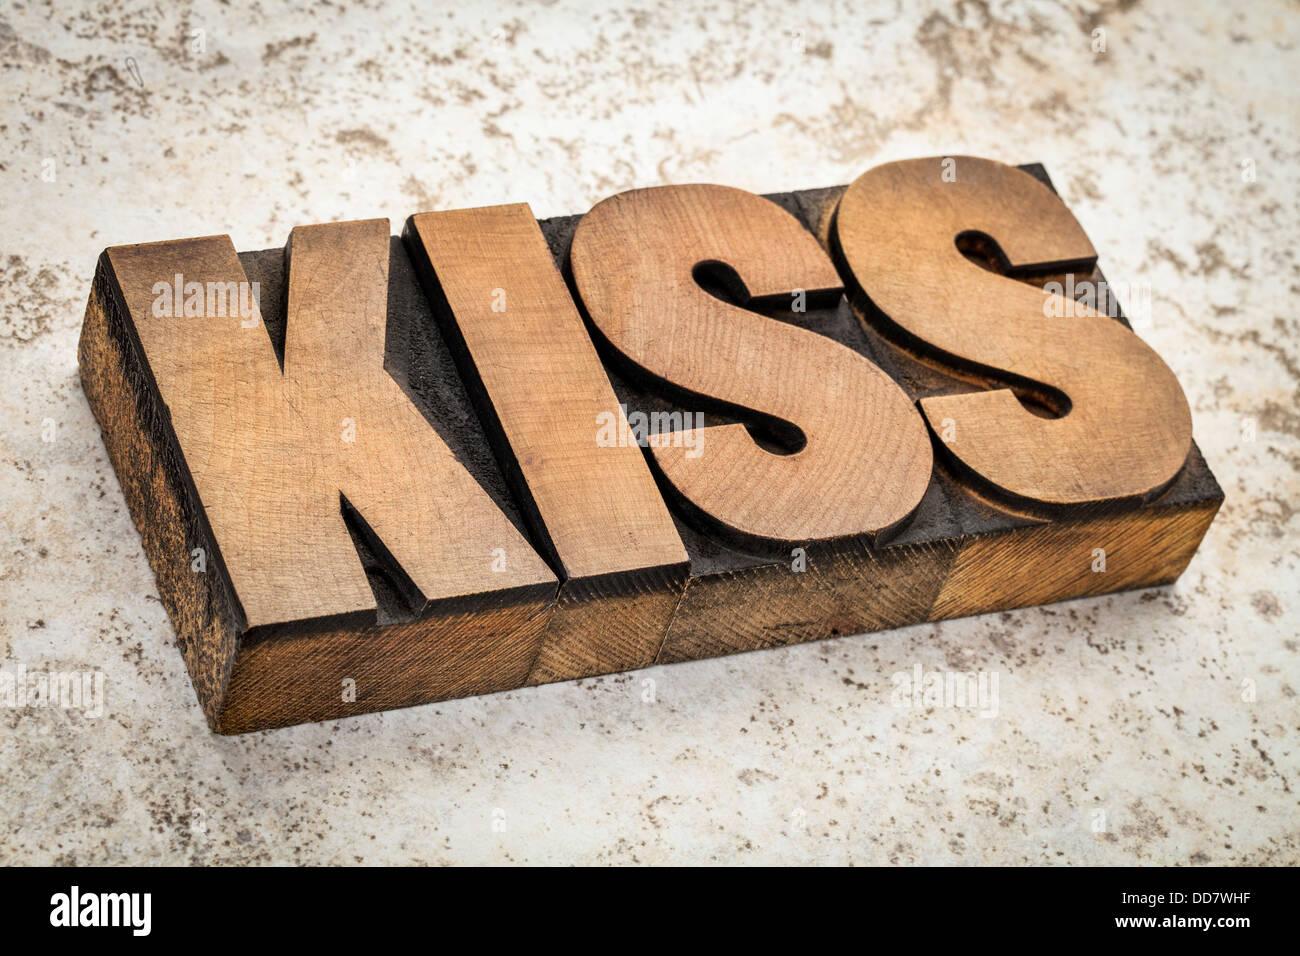 Kiss parola o acronimo (keep it simple stupid) in rilievografia tipo di legno contro la piastrella ceramica Immagini Stock